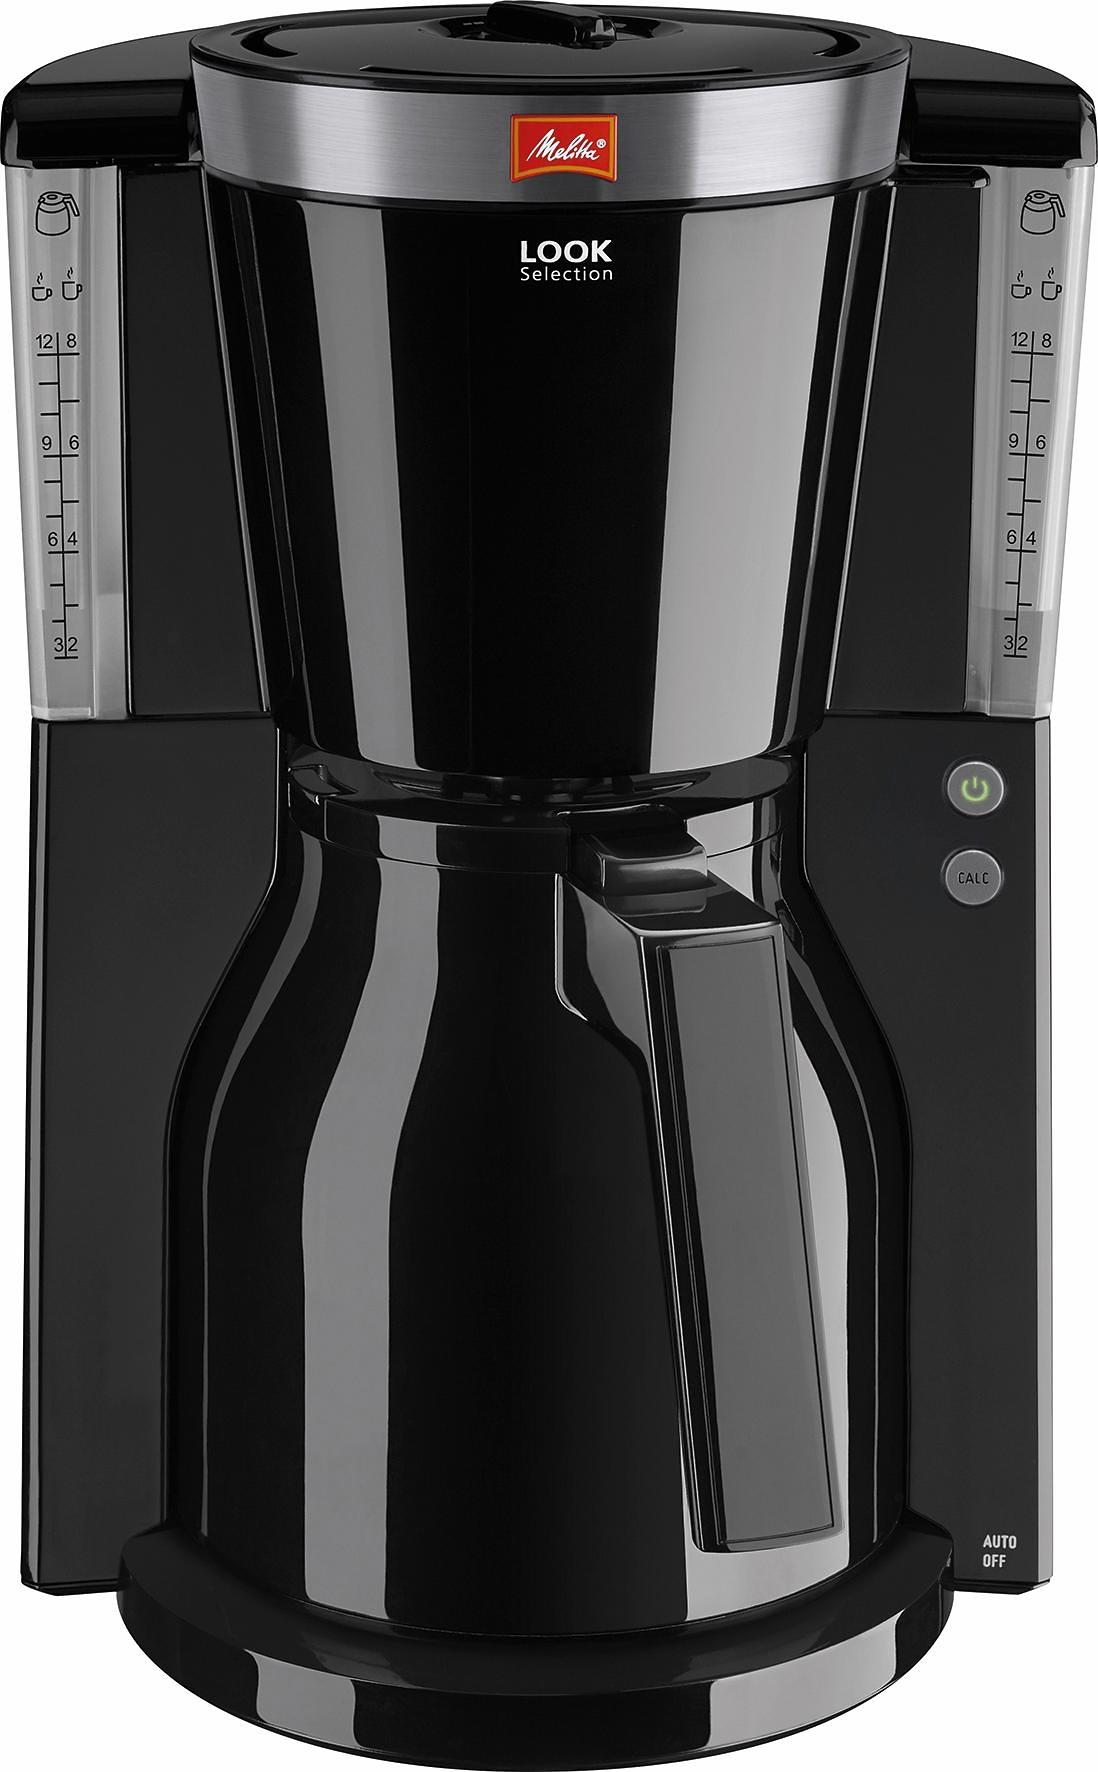 Melitta Koffiezetapparaat Look Therm Selectrion 1011-12, met thermoskan, zwart goedkoop op otto.nl kopen